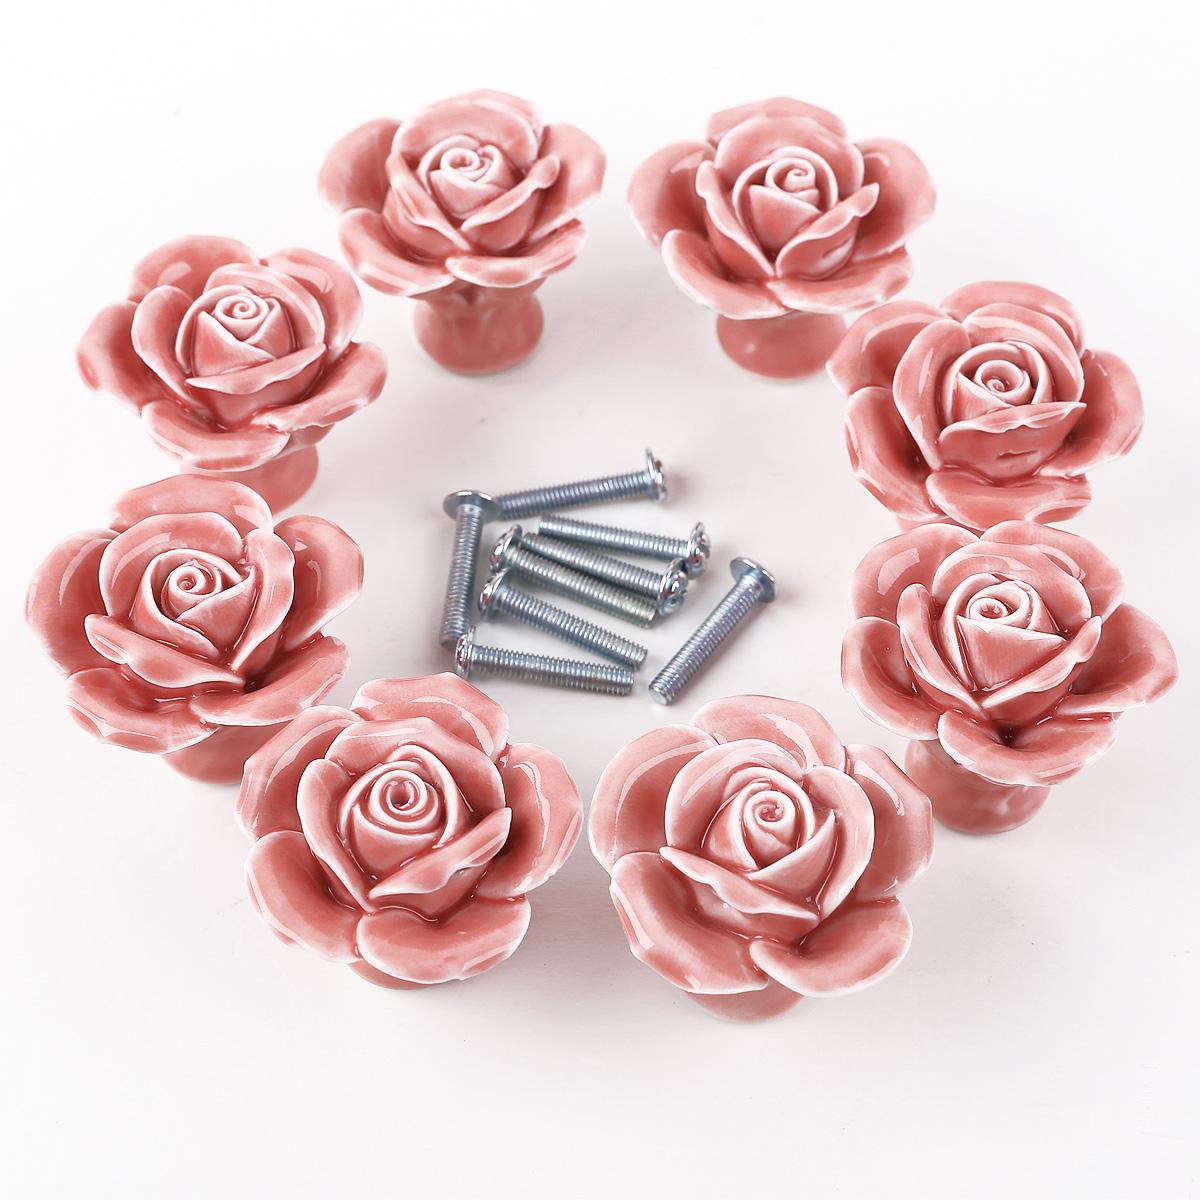 rose door knobs photo - 19